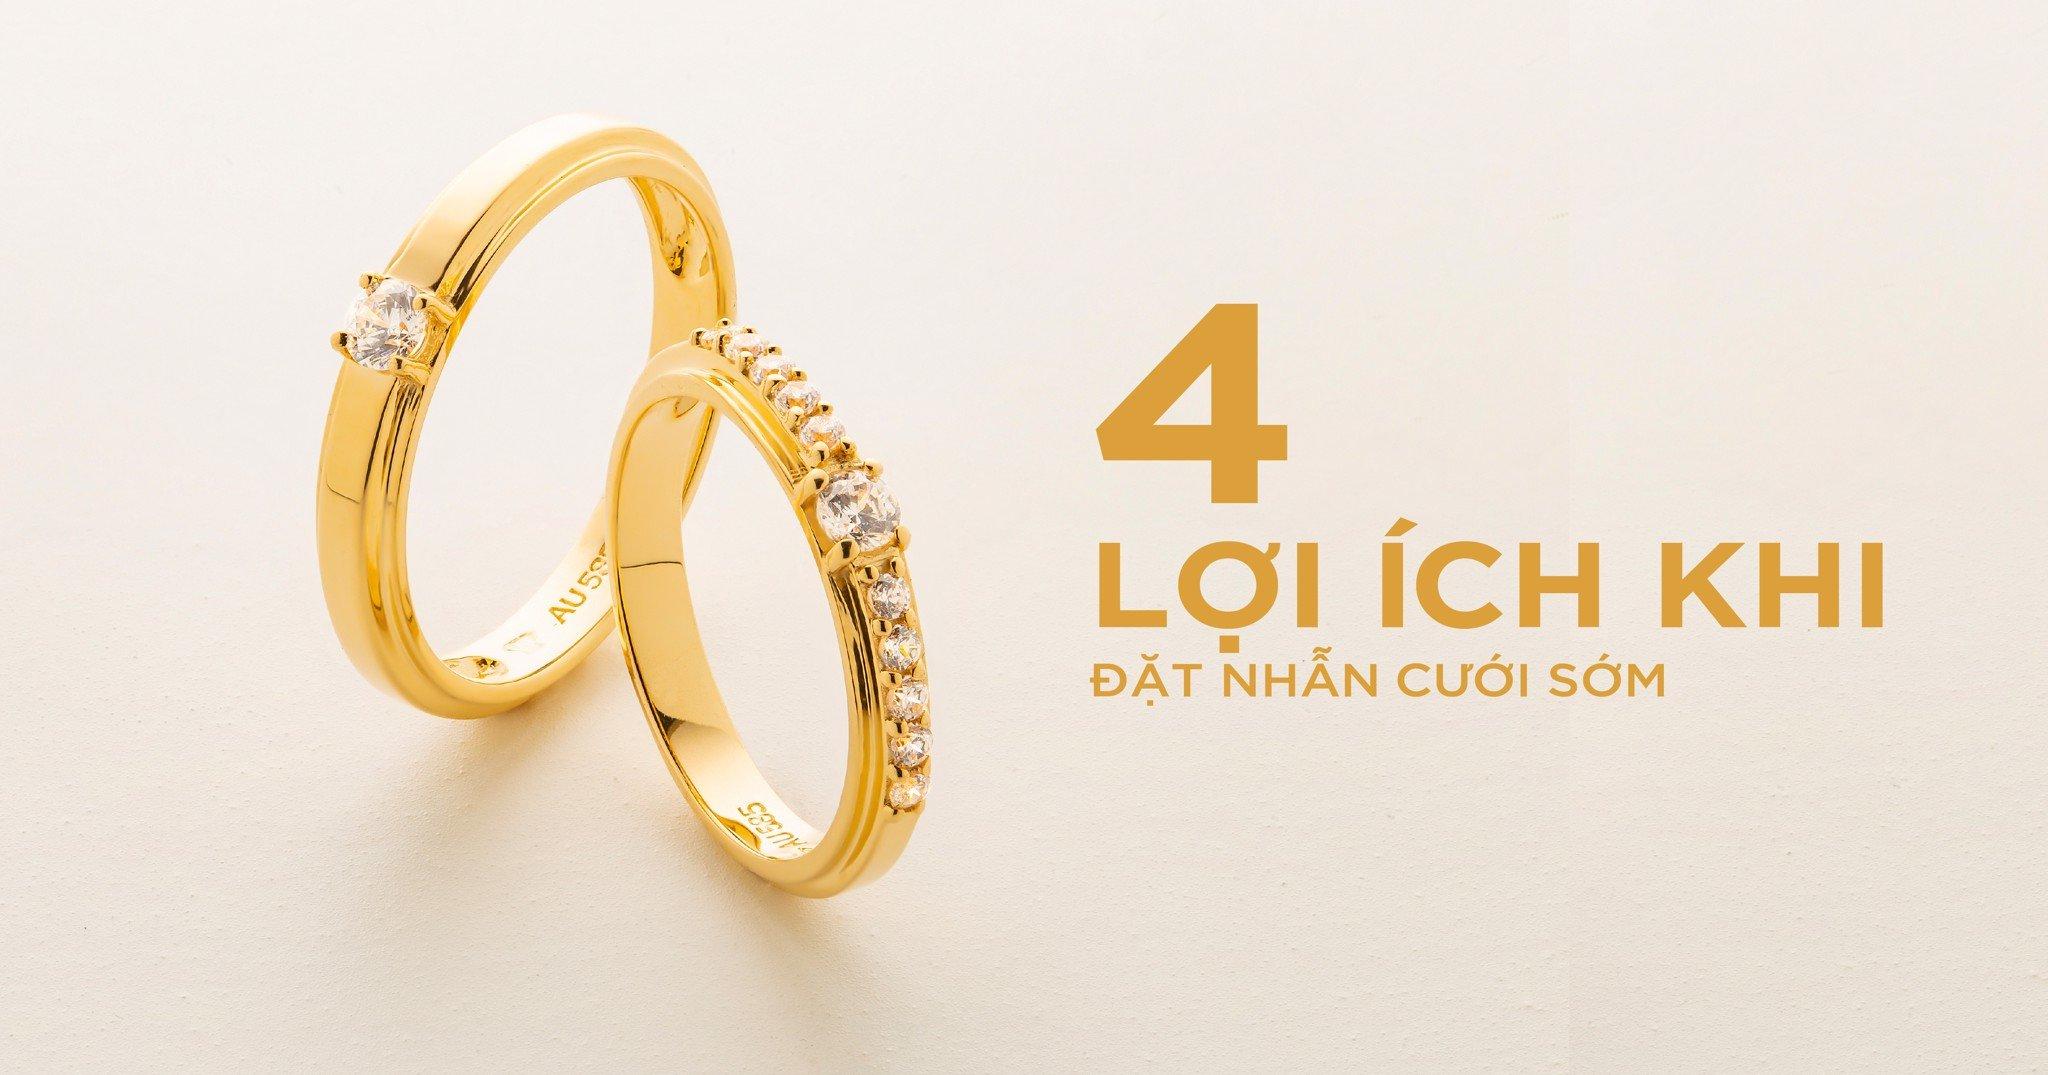 4 Lợi ích khi đặt nhẫn cưới sớm!